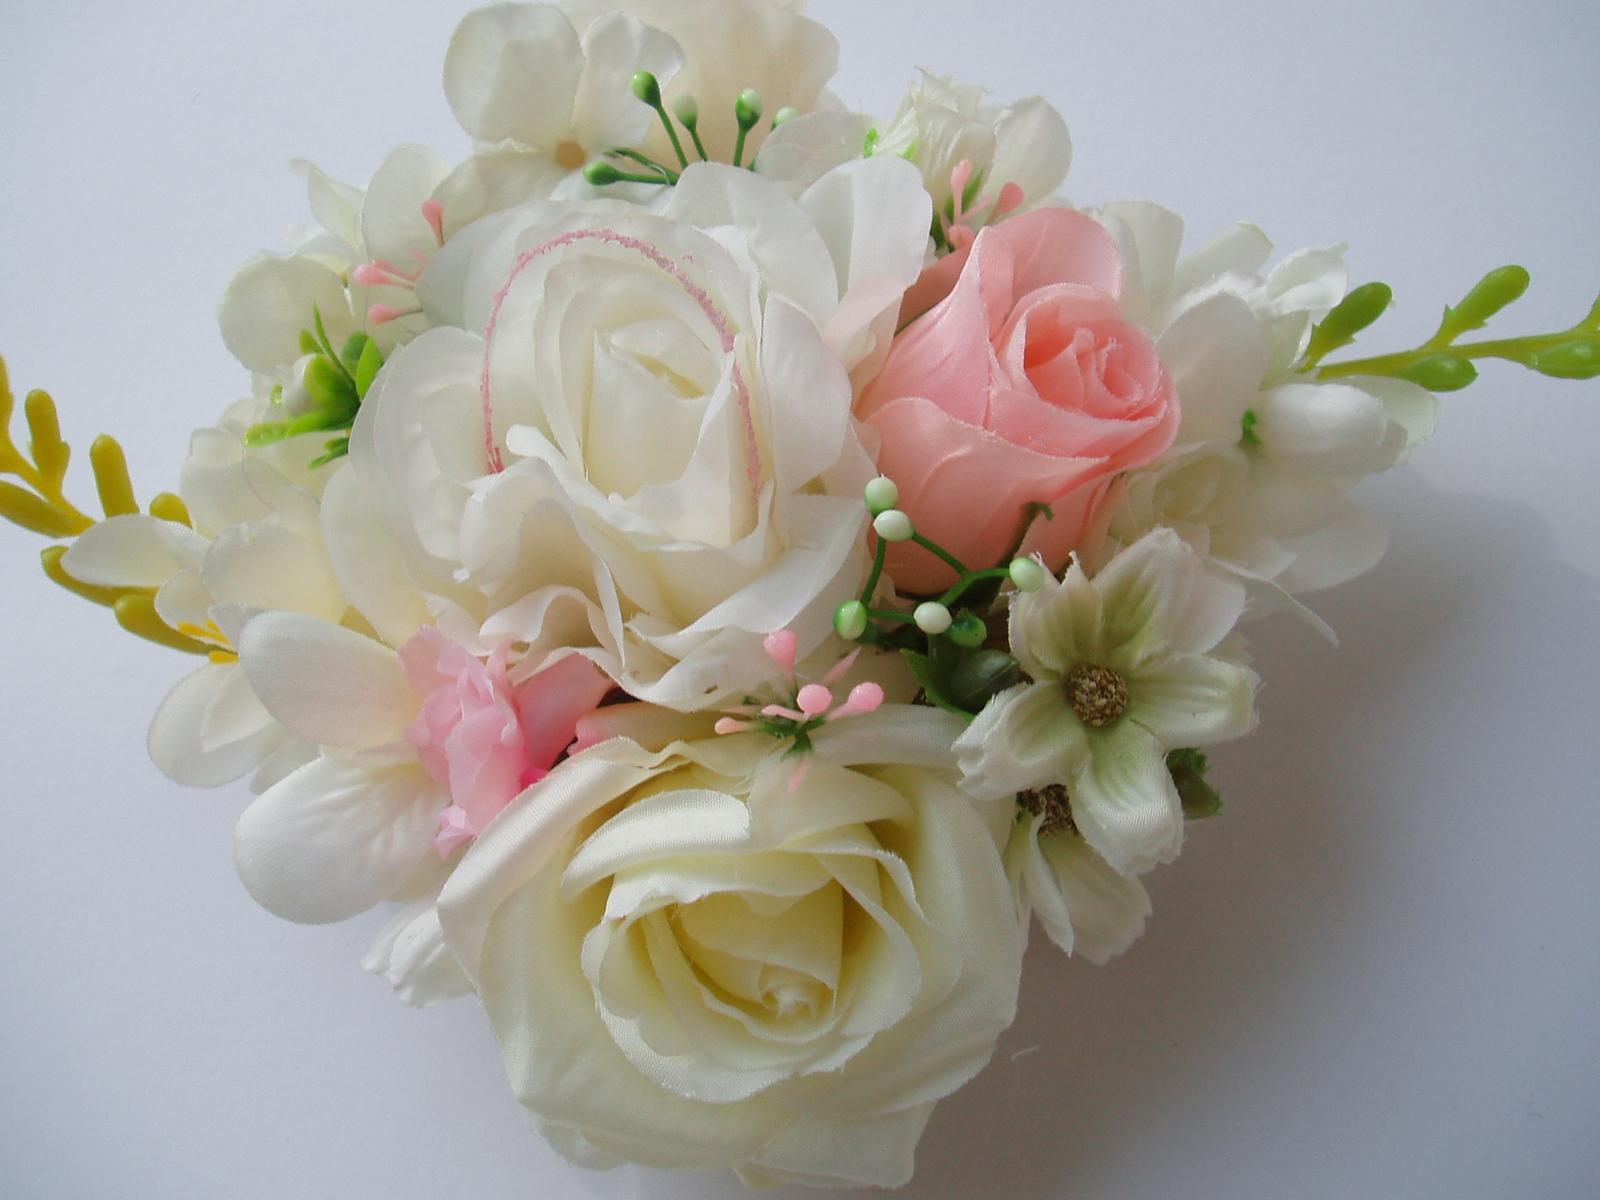 květinová dekorace - Obrázek č. 1